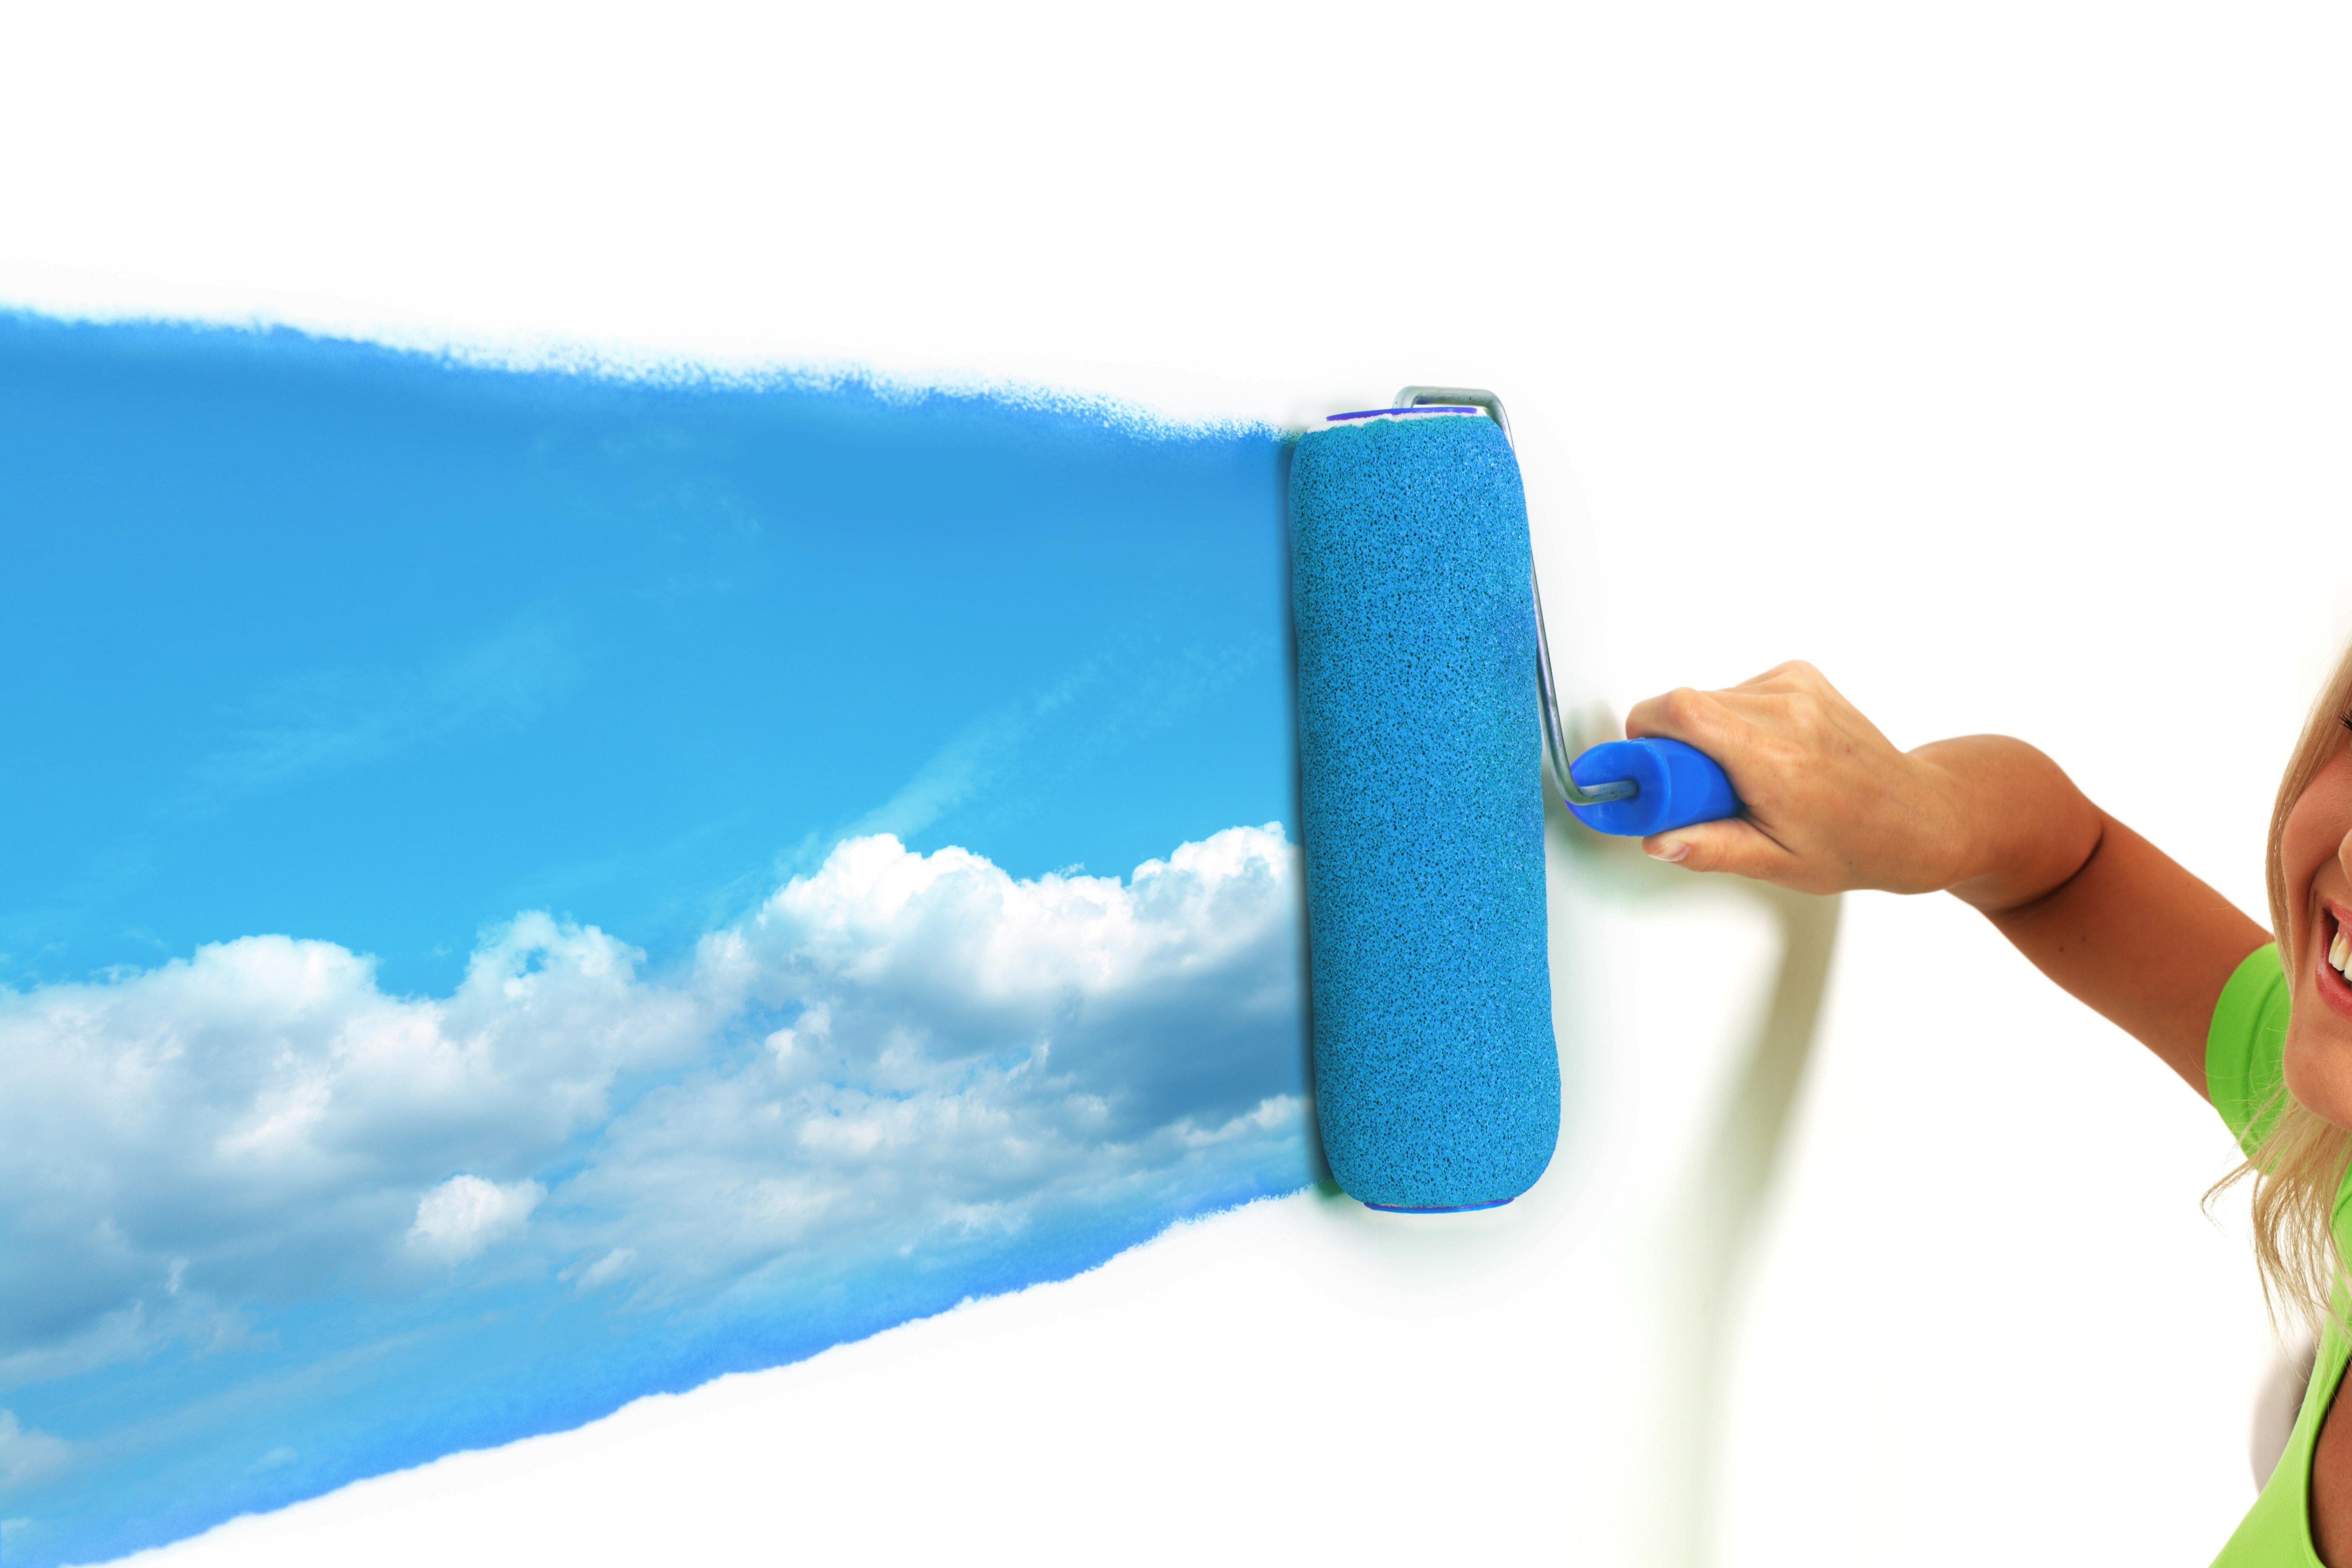 Les avantages respectifs de la peinture à l'eau et de la peinture à l'huile